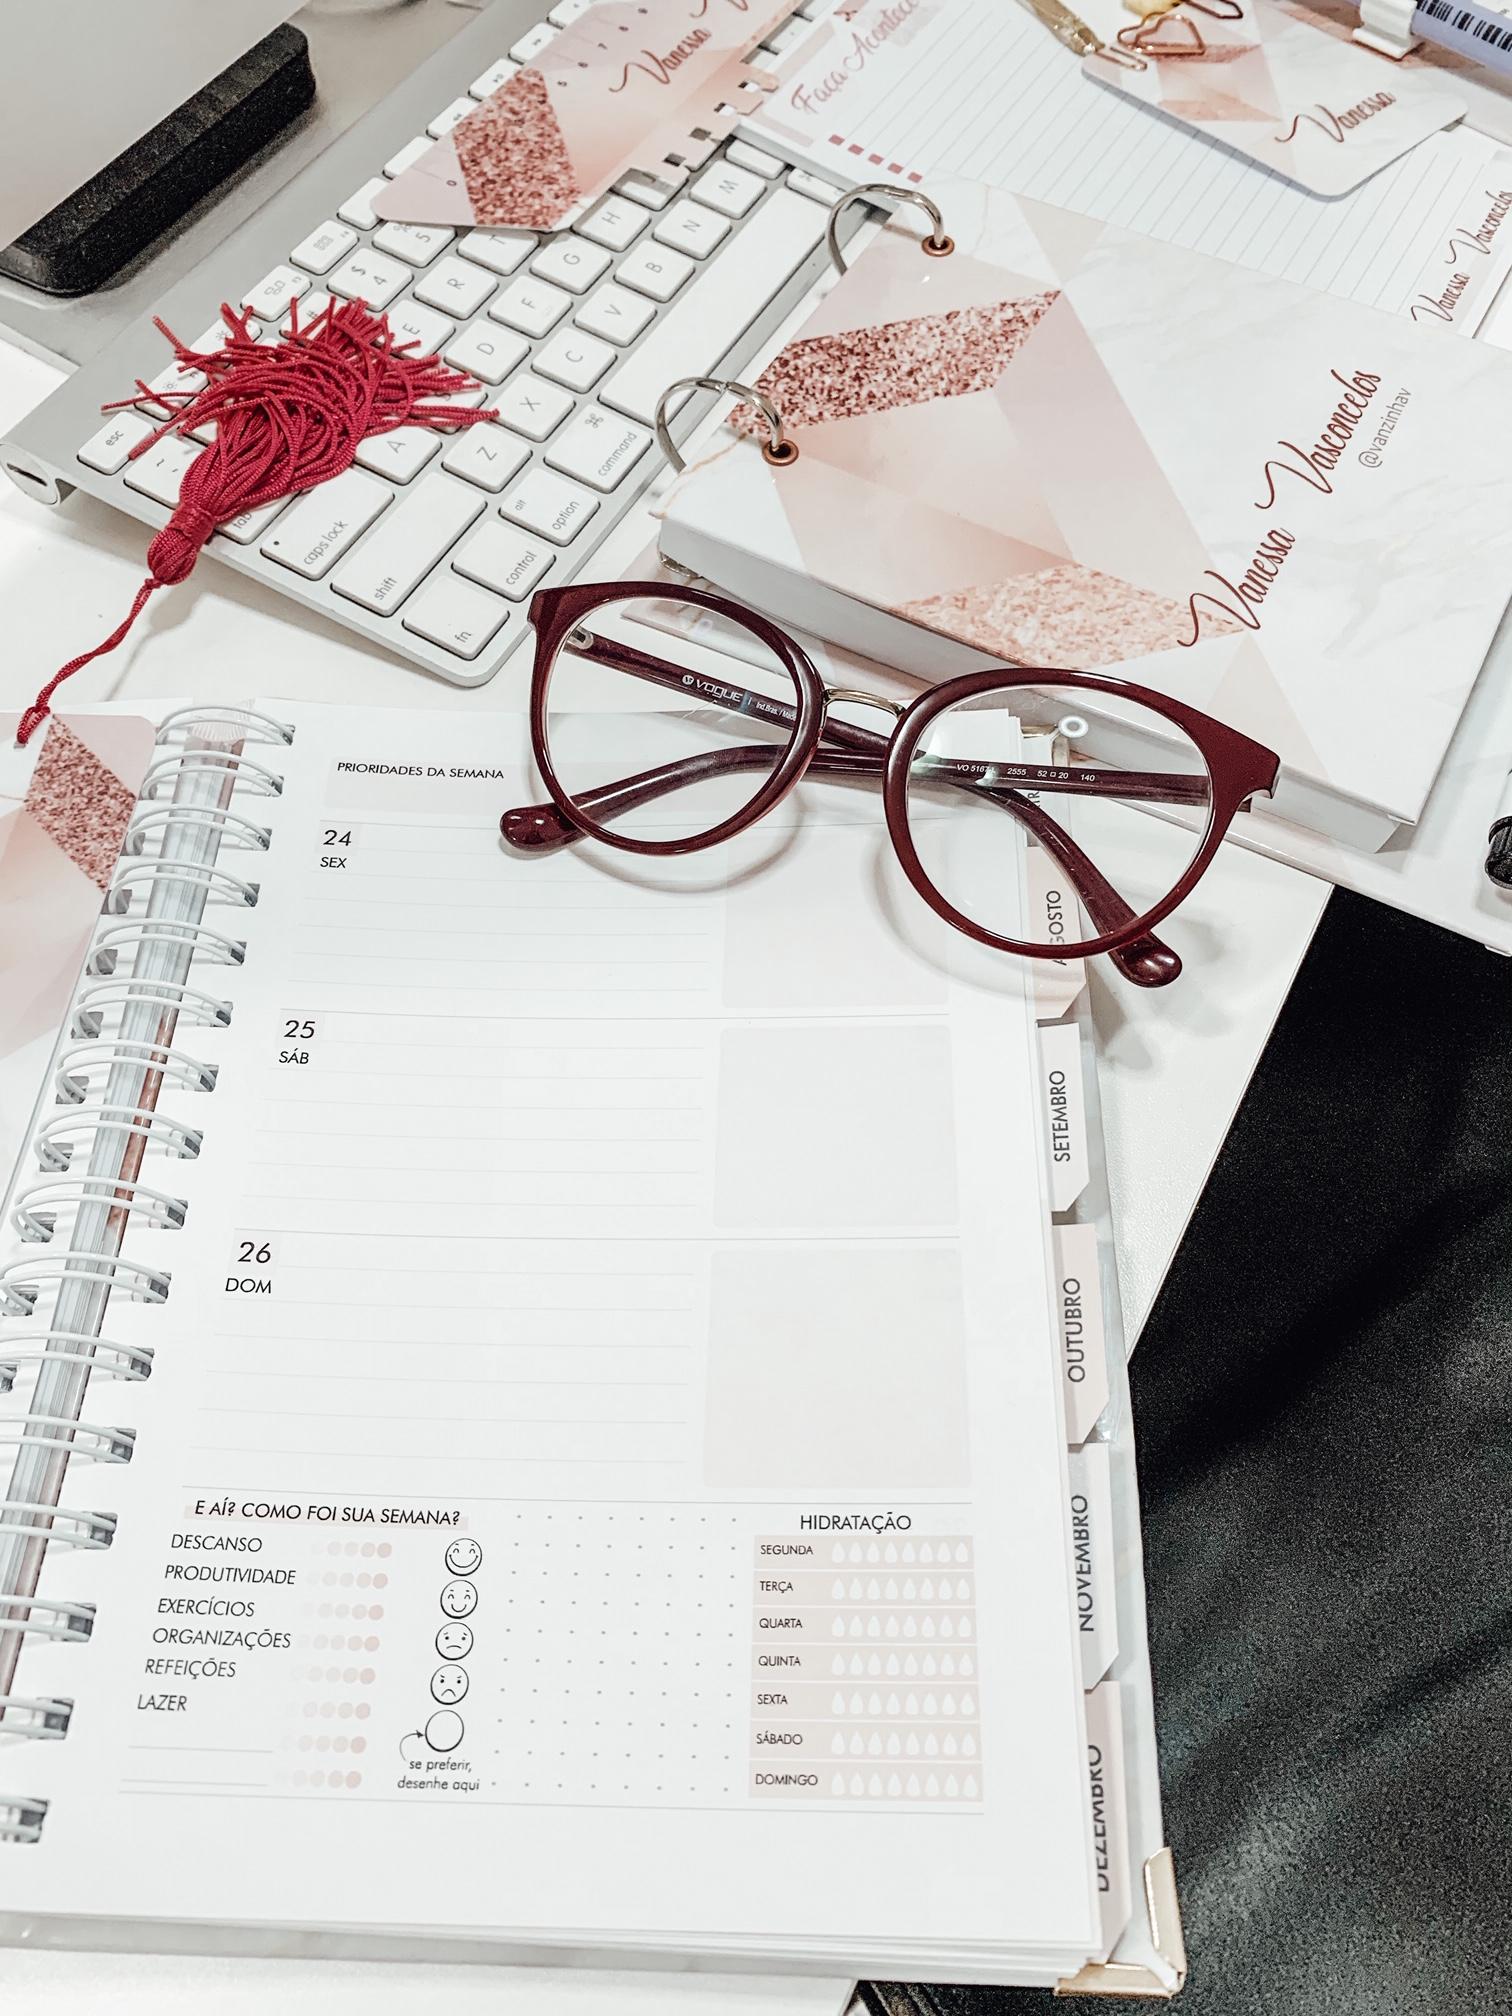 Morartes aposta em Planners e papelaria personalizados 3